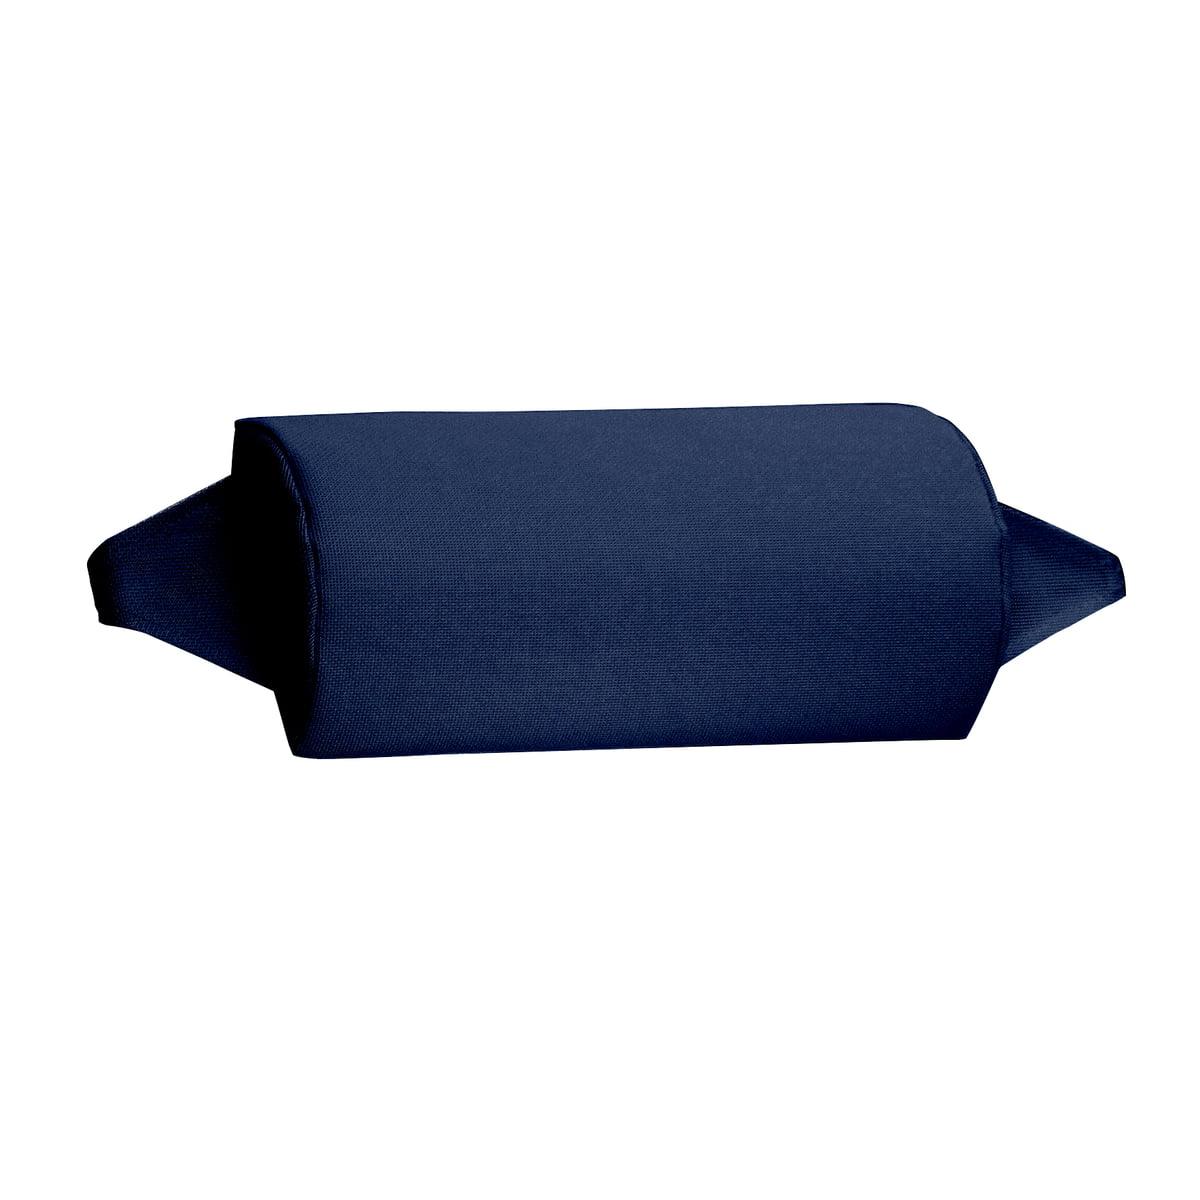 Fiam - Nackenrolle, dunkelblau | Schlafzimmer > Kopfkissen > Nackenstützkissen & Nackenrollen | Fiam